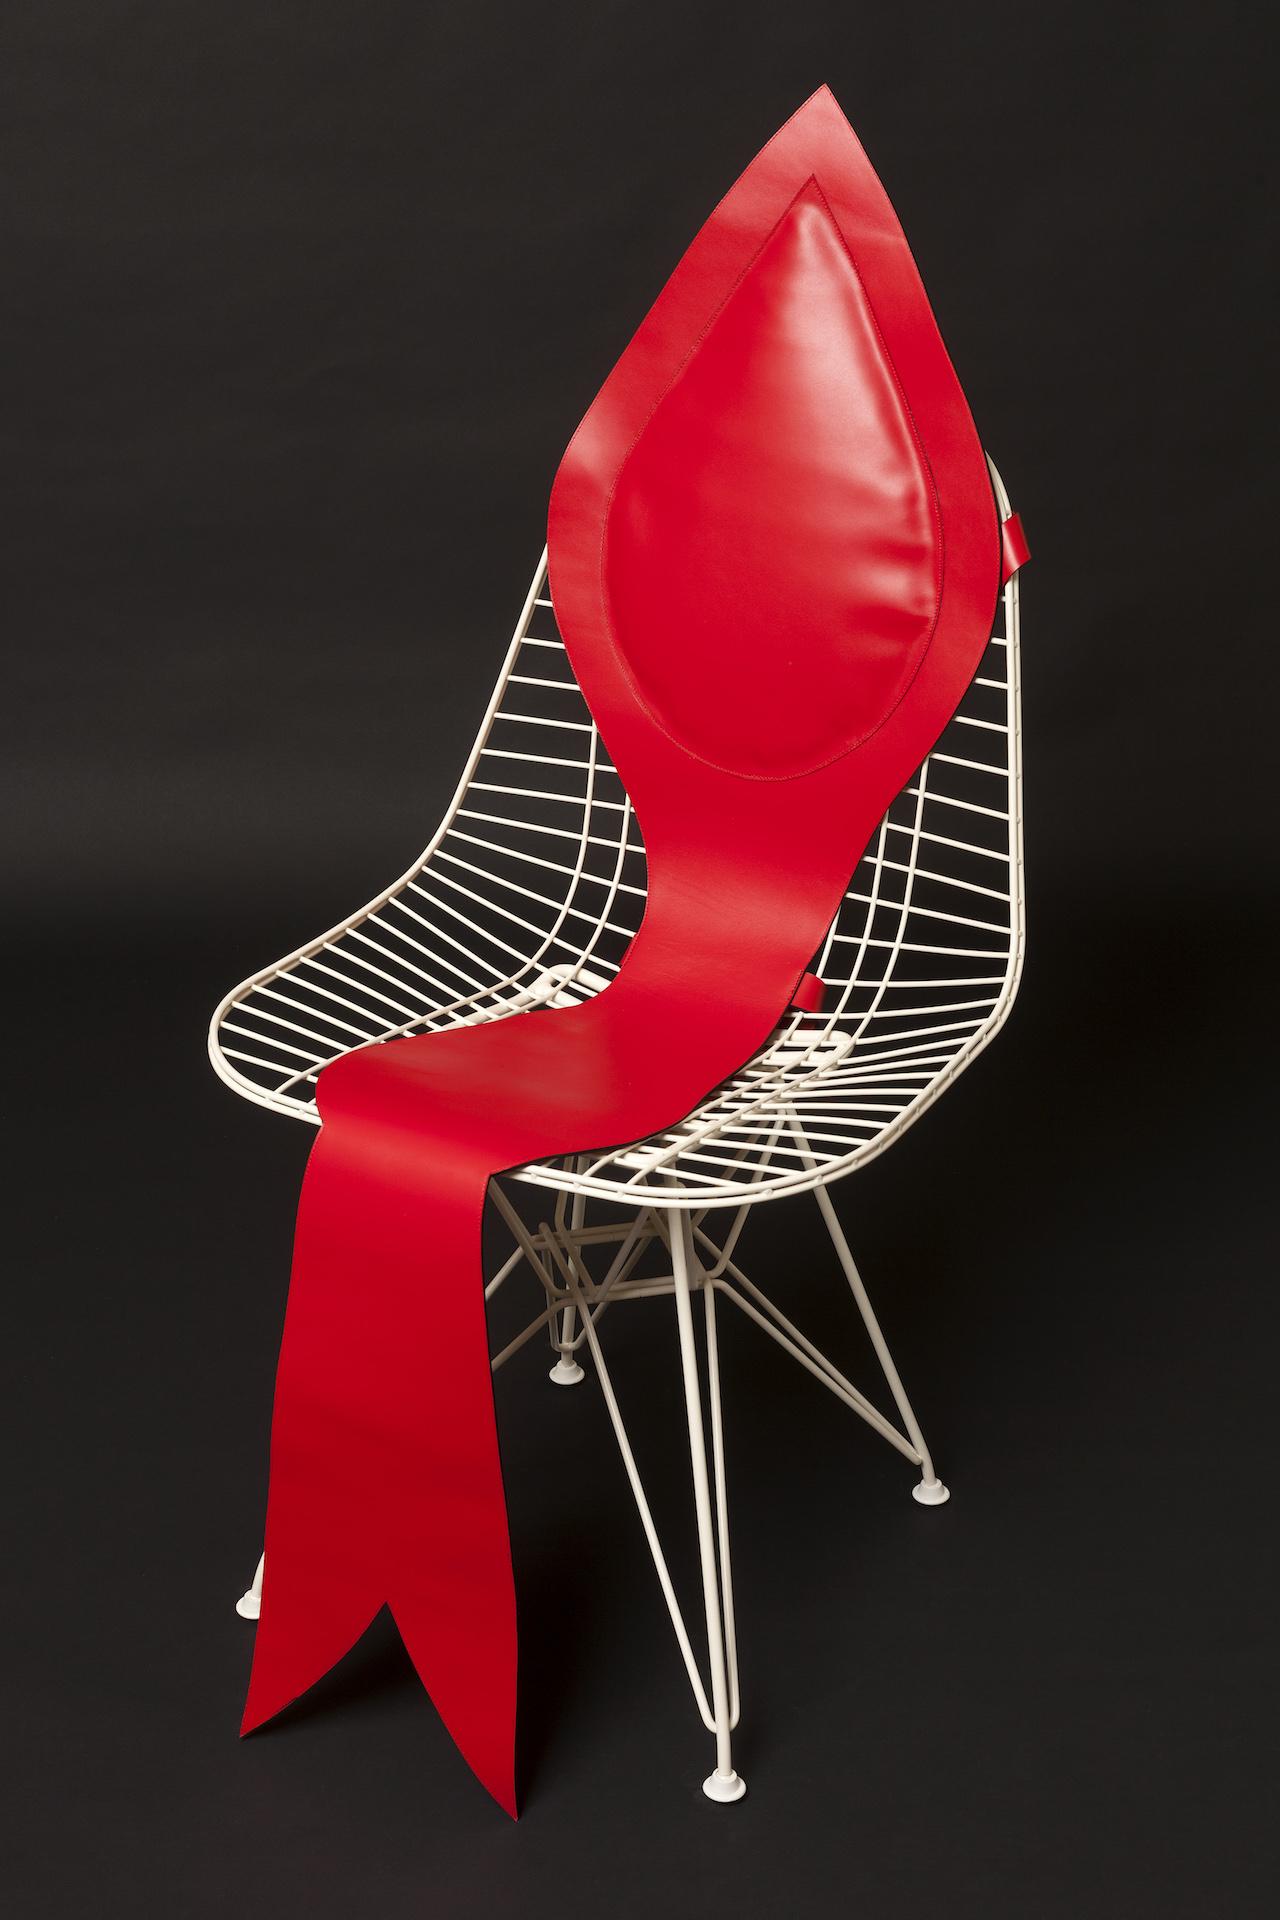 30.La chaise d honneur by ChristianLouboutin ©HugoMiserey